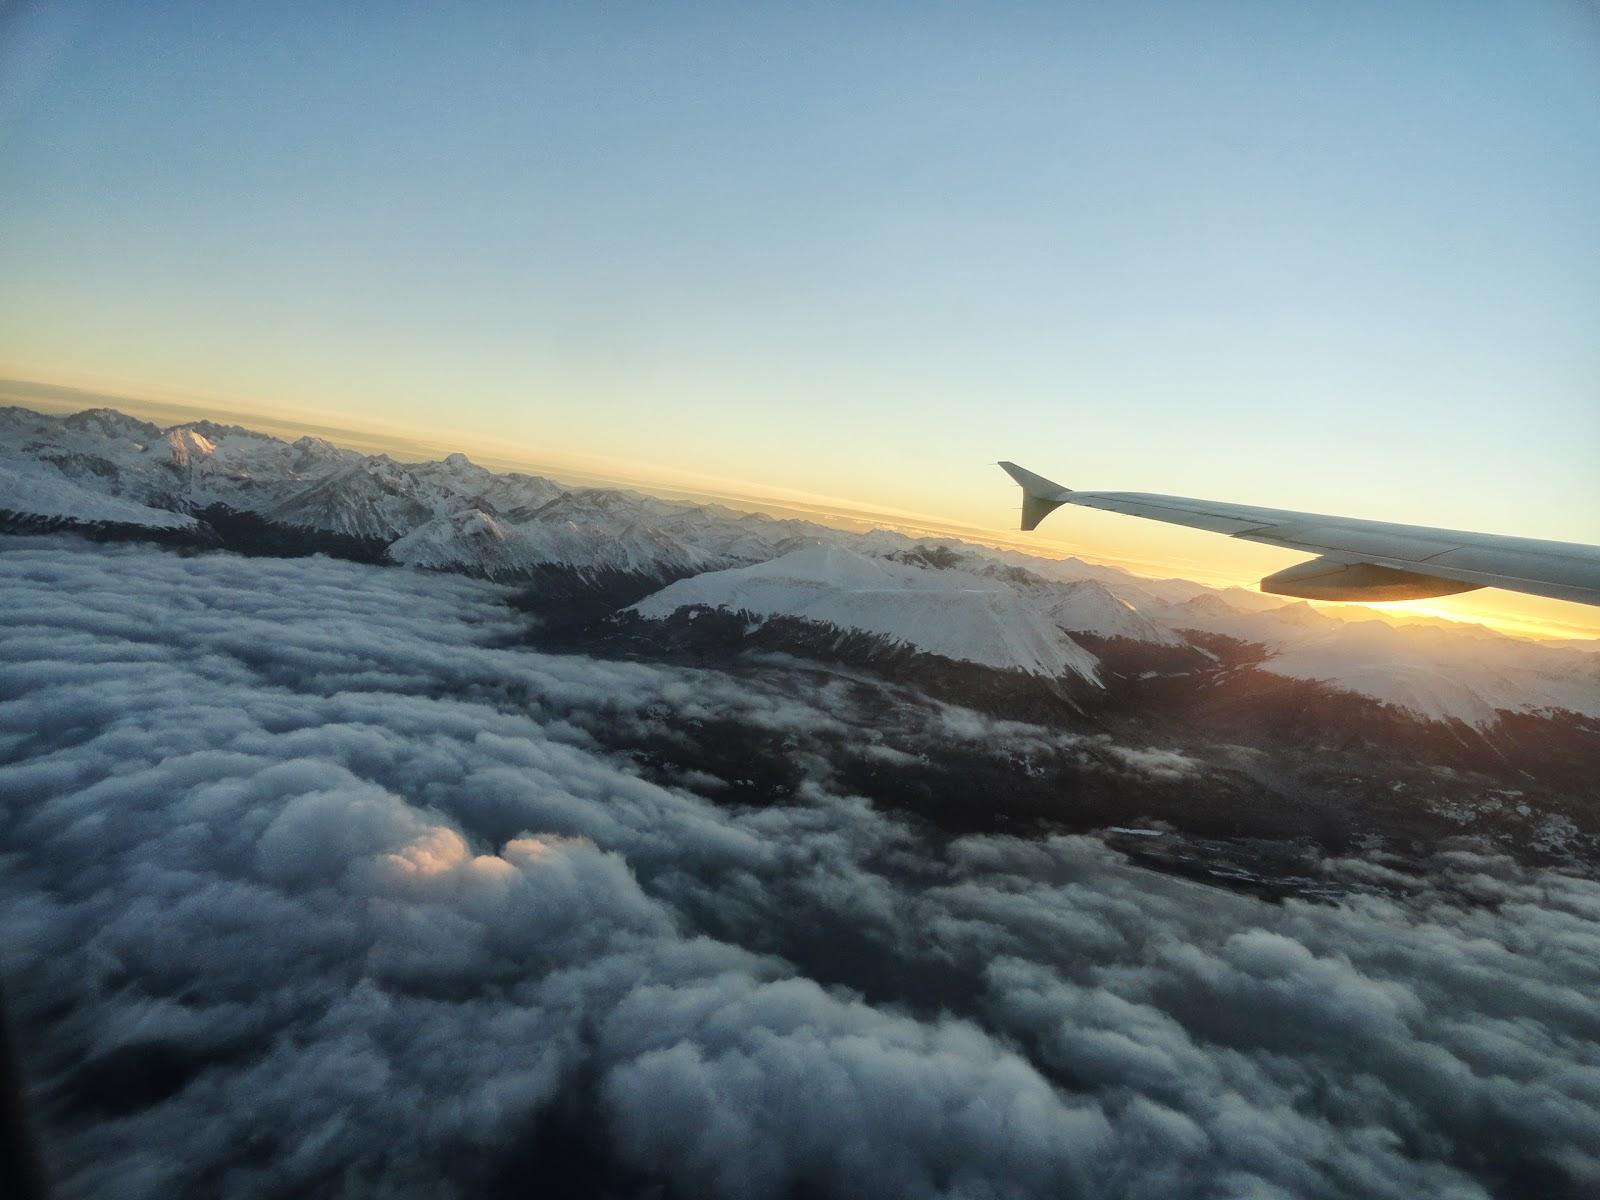 Algumas fotos da Cordilheira dos Andes tiradas de dentro do avião. #A38028 1600x1200 Banheiro Avião Tam